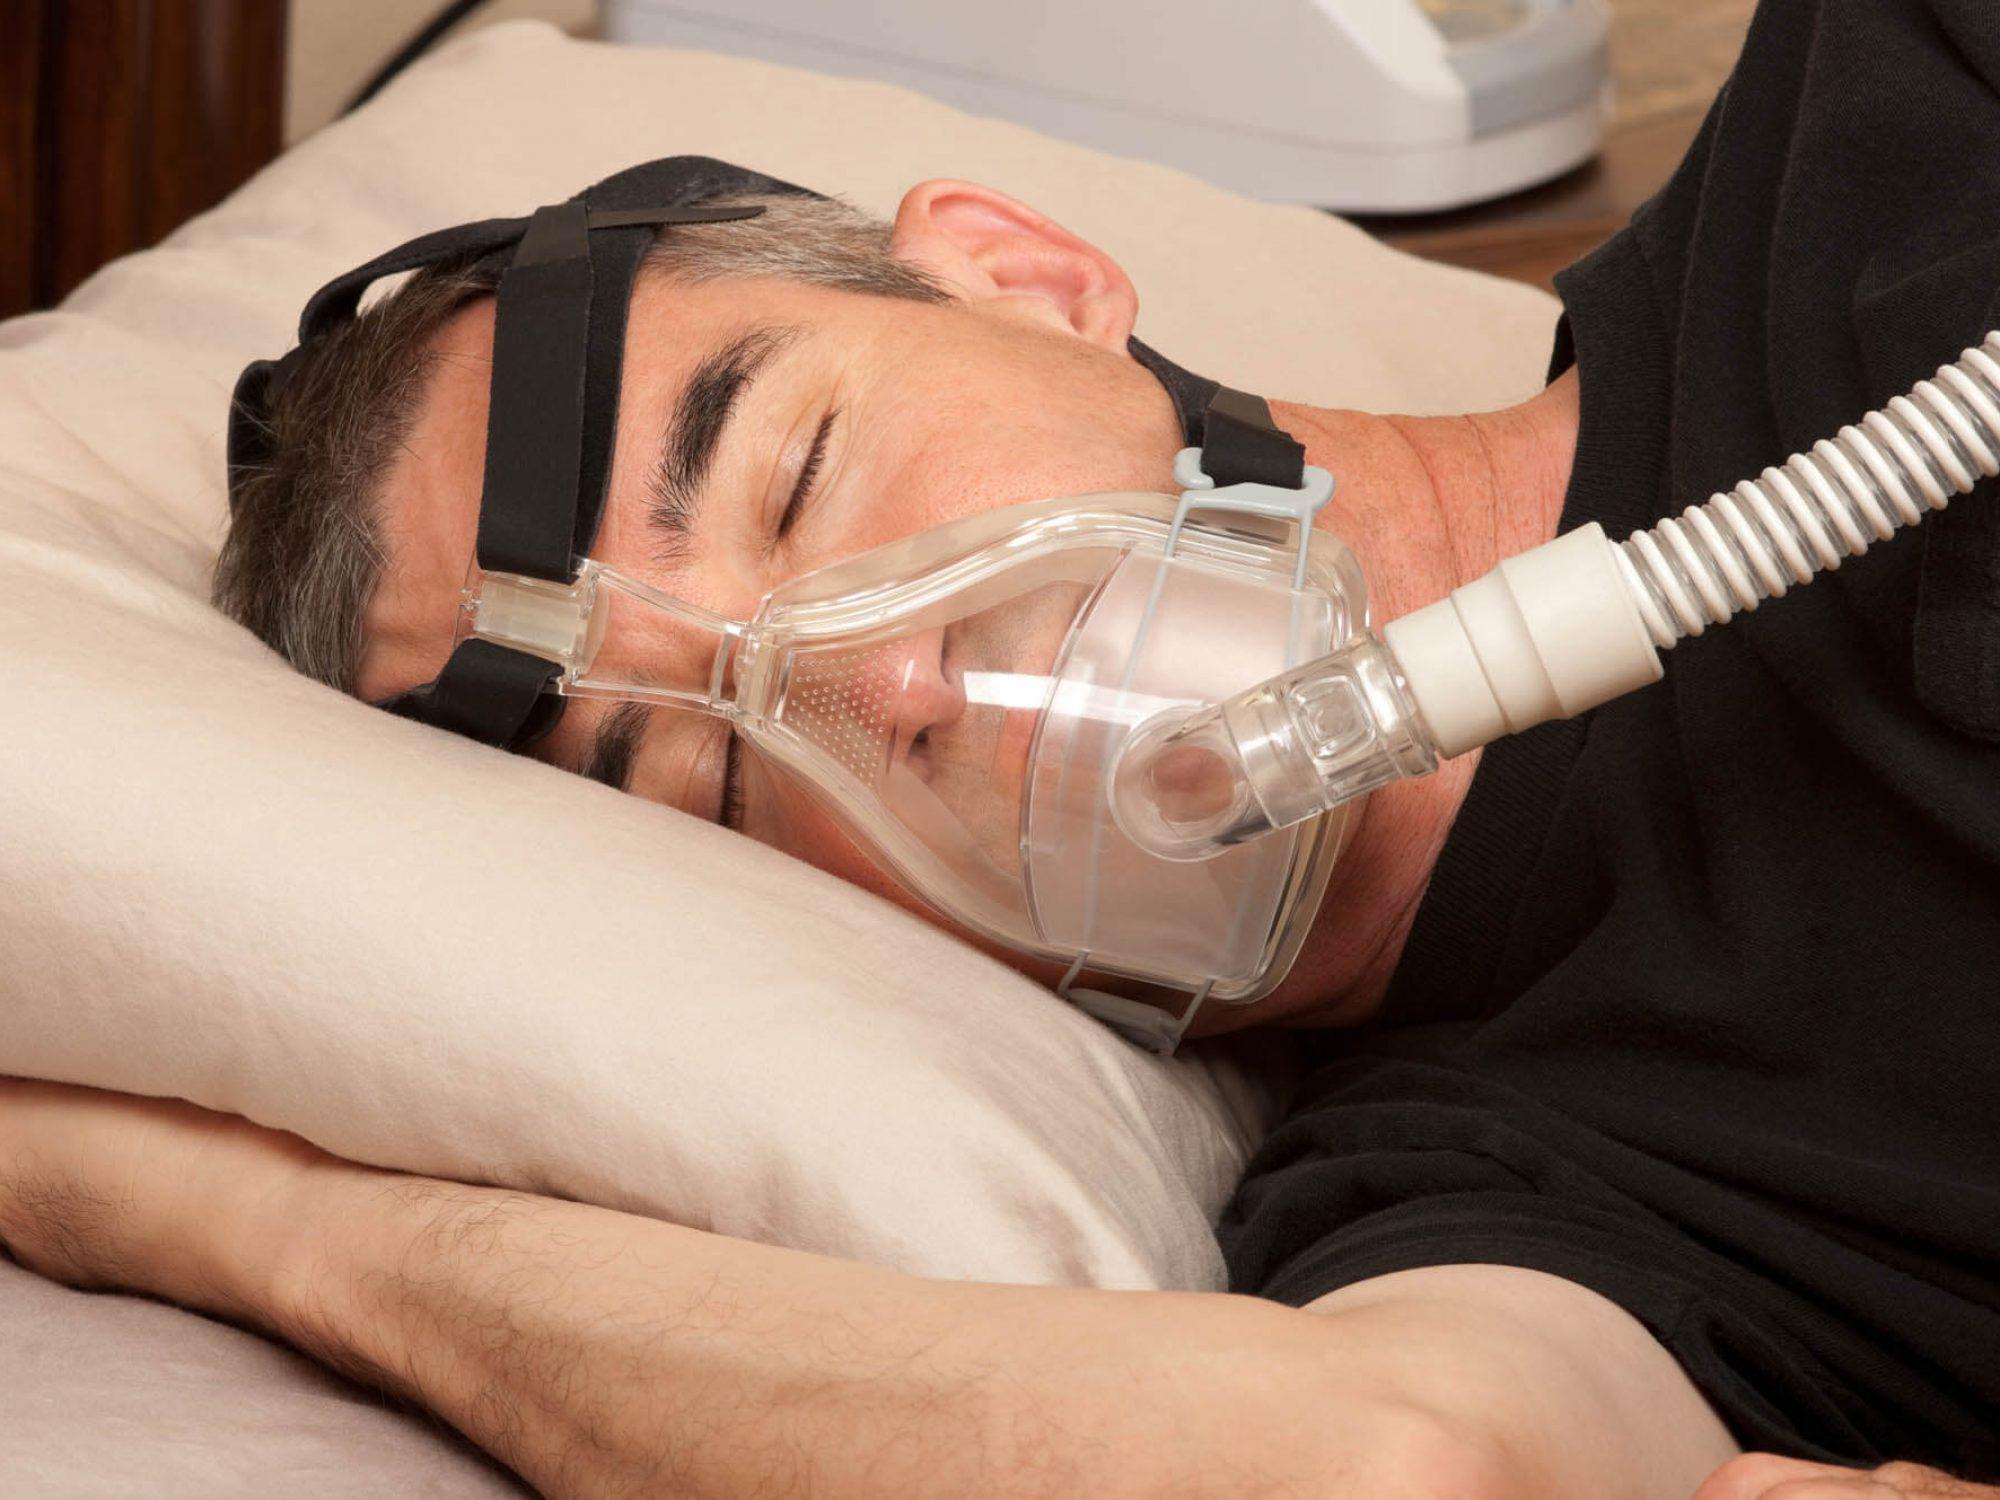 איך ירידה במשקל משפיעה על דום נשימה בשינה?